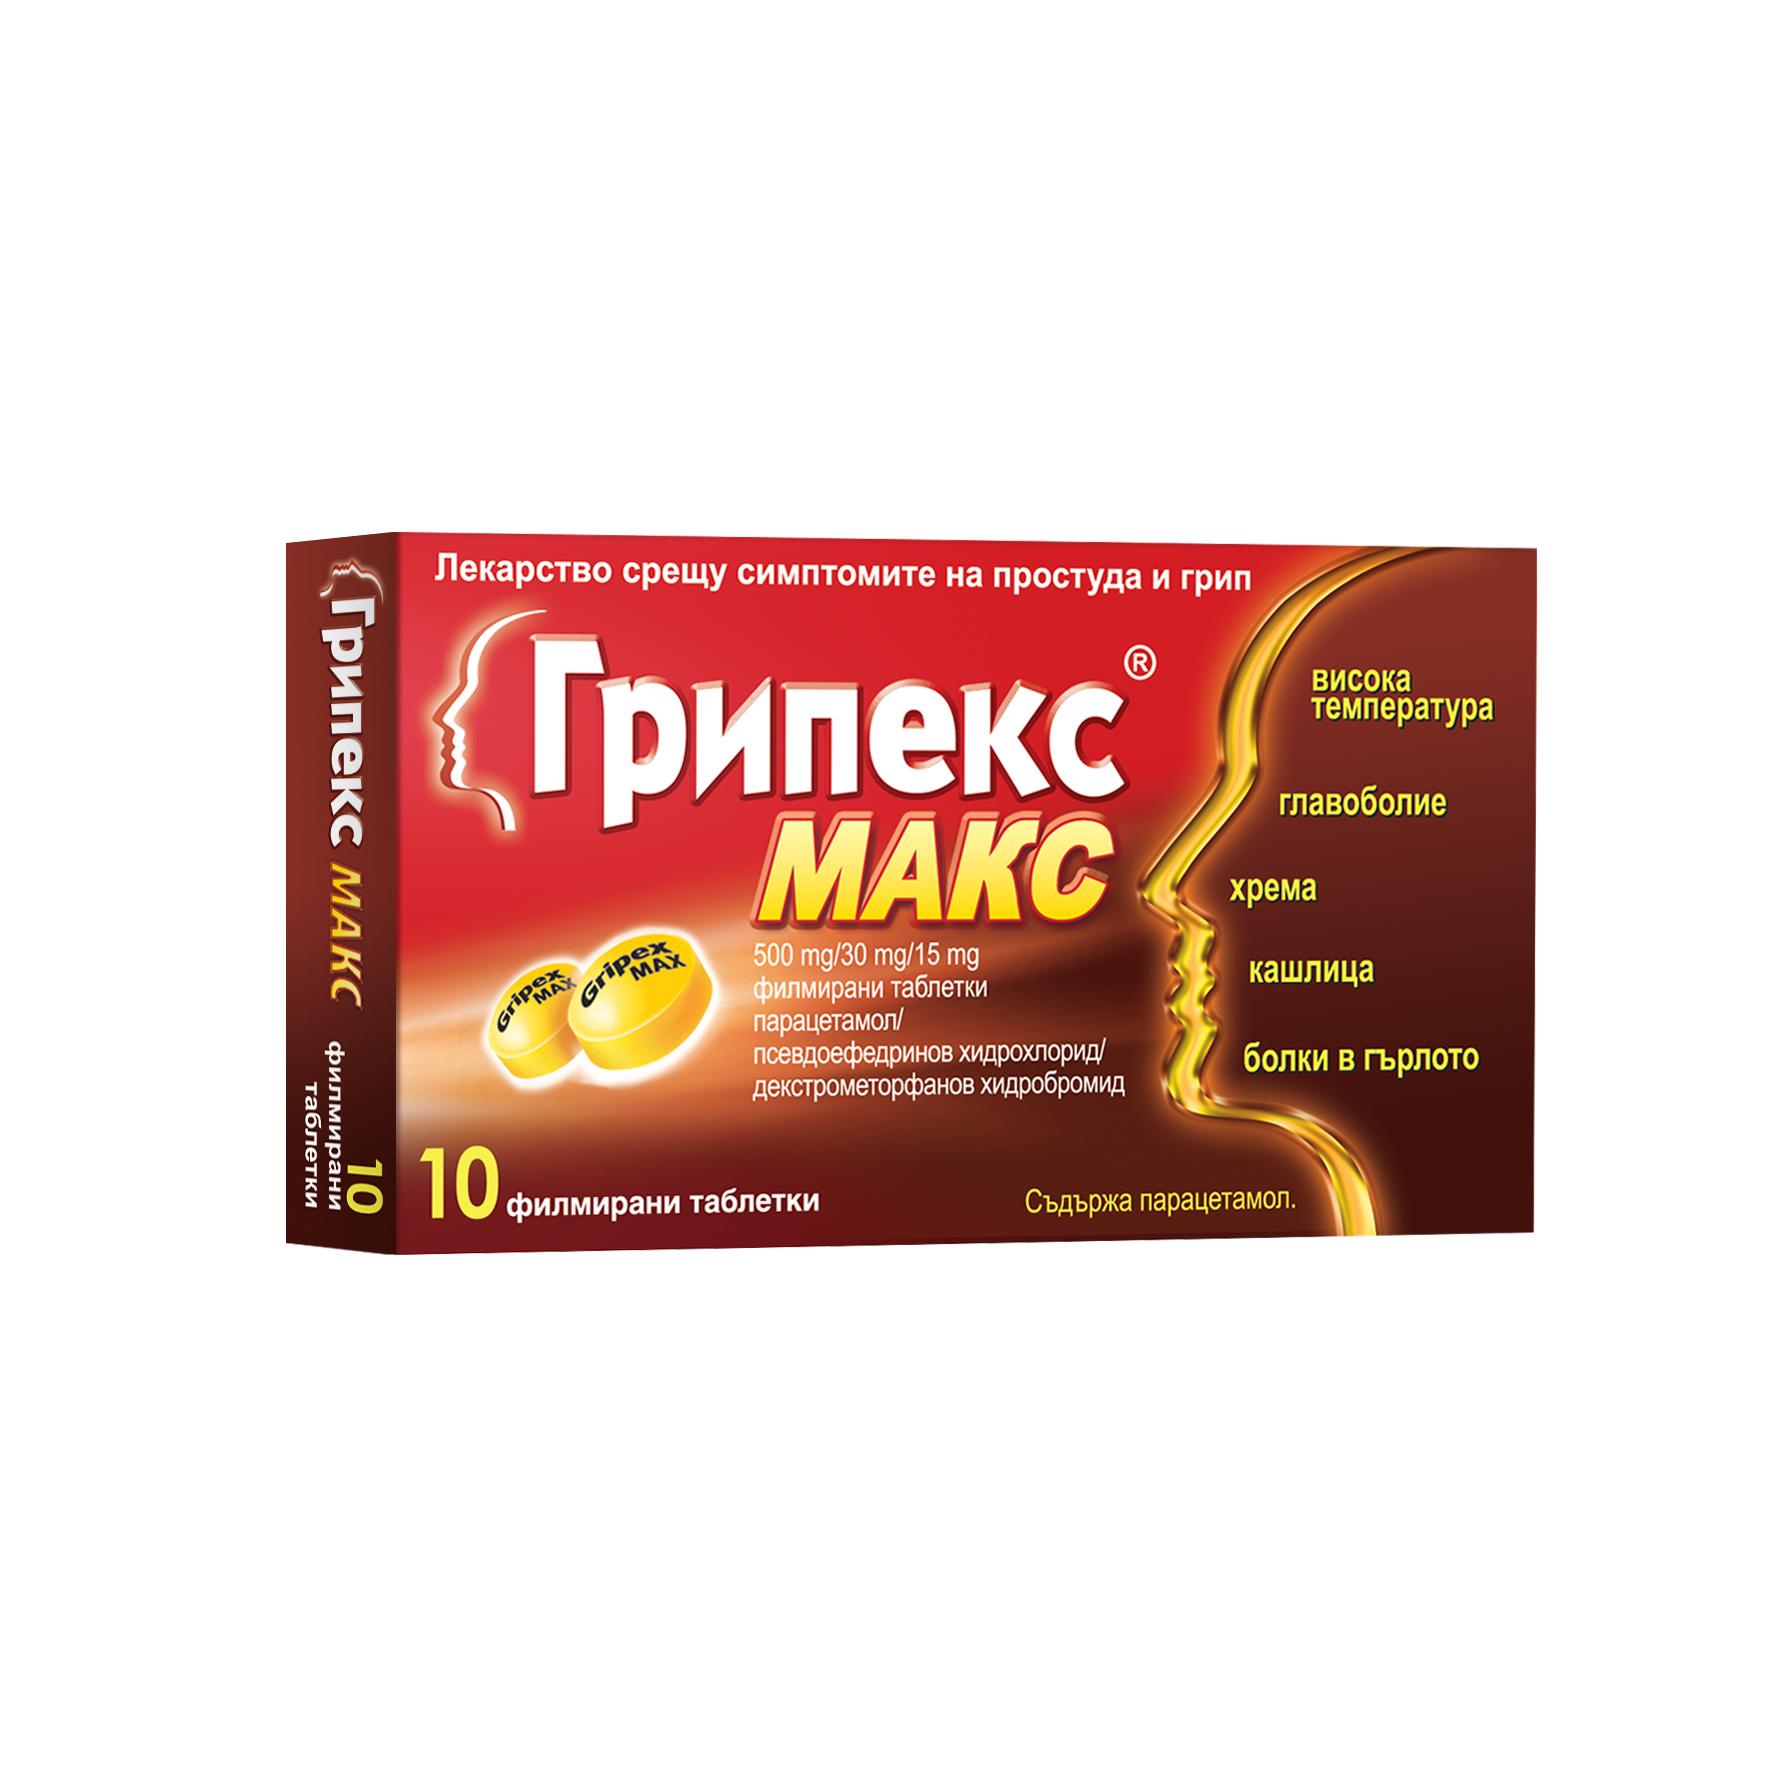 Описание  ГРИПЕКС МАКС / GRIPEX MAX се използва за облекчаване на симптомите при настинка, грип и грипоподобни състояния (треска, възпаление на носната лигавица, суха кашлица, главоболие, мускулни и костно-ставни болки), сухота в гърлото).  Какво трябва да знаете, преди да използвате Грипекс Макс   Не използвайте ГРИПЕКС МАКС / GRIPEX MAX при:  Ако сте алергични към активните вещества, или към някоя от останалите съставки на това лекарство (изброени в т. 6); Едновременно приложение на други лекарствени продукти, които съдържат парацетамол; Лечение с МАО инхибитори или по-рано от две седмици след преустановяване на приложението им; Вроден дефицит на глюкозо-6-фосфат дехидрогеназа; Тежка чернодробна или бъбречна недостатъчност; Тежка артериална хипертония; Исхемична болест на сърцето; Алкохолизъм; Бронхиална астма; ХОББ; Дихателна недостатъчност, потискане на дишането; По време на бременност и кърмене; Да не се използва при деца под 12 годишна възраст.  Предупреждения и предпазни мерки  Говорете с Вашия лекар или фармацевт преди да използвате ГРИПЕКС МАКС / GRIPEX MAX. Приемането на лекарствения продукт от хора с чернодробна недостатъчност, както и злоупотребяващи с алкохол и гладуващи, крие риск от чернодробно увреждане. Лекарственият продукт трябва да се използва внимателно при болни с бъбречна недостатъчност, артериална хипертония, сърдечна аритмия, емфизем, повишено вътреочно налягане, аденом на простатната жлеза, хипертиреоидизъм, диабет и при пациенти, третирани с анксиолитични средства, трициклични антидепресанти, други симпатикомиметици (напр. продукти, редуциращи хиперемията), потискащи апетита лекарствени продукти и подобни на амфетамина психостимуланти. Продуктът не трябва да се прилага при пациенти с хронична продуктивна кашлица. Лекарственият продукт не трябва да се използва при болни с дихателна недостатъчност, бронхиална астма и такива с риск от дихателна недостатъчност. Грипекс Макс трябва да се прилага внимателно при пациенти, които приемат антитромбо